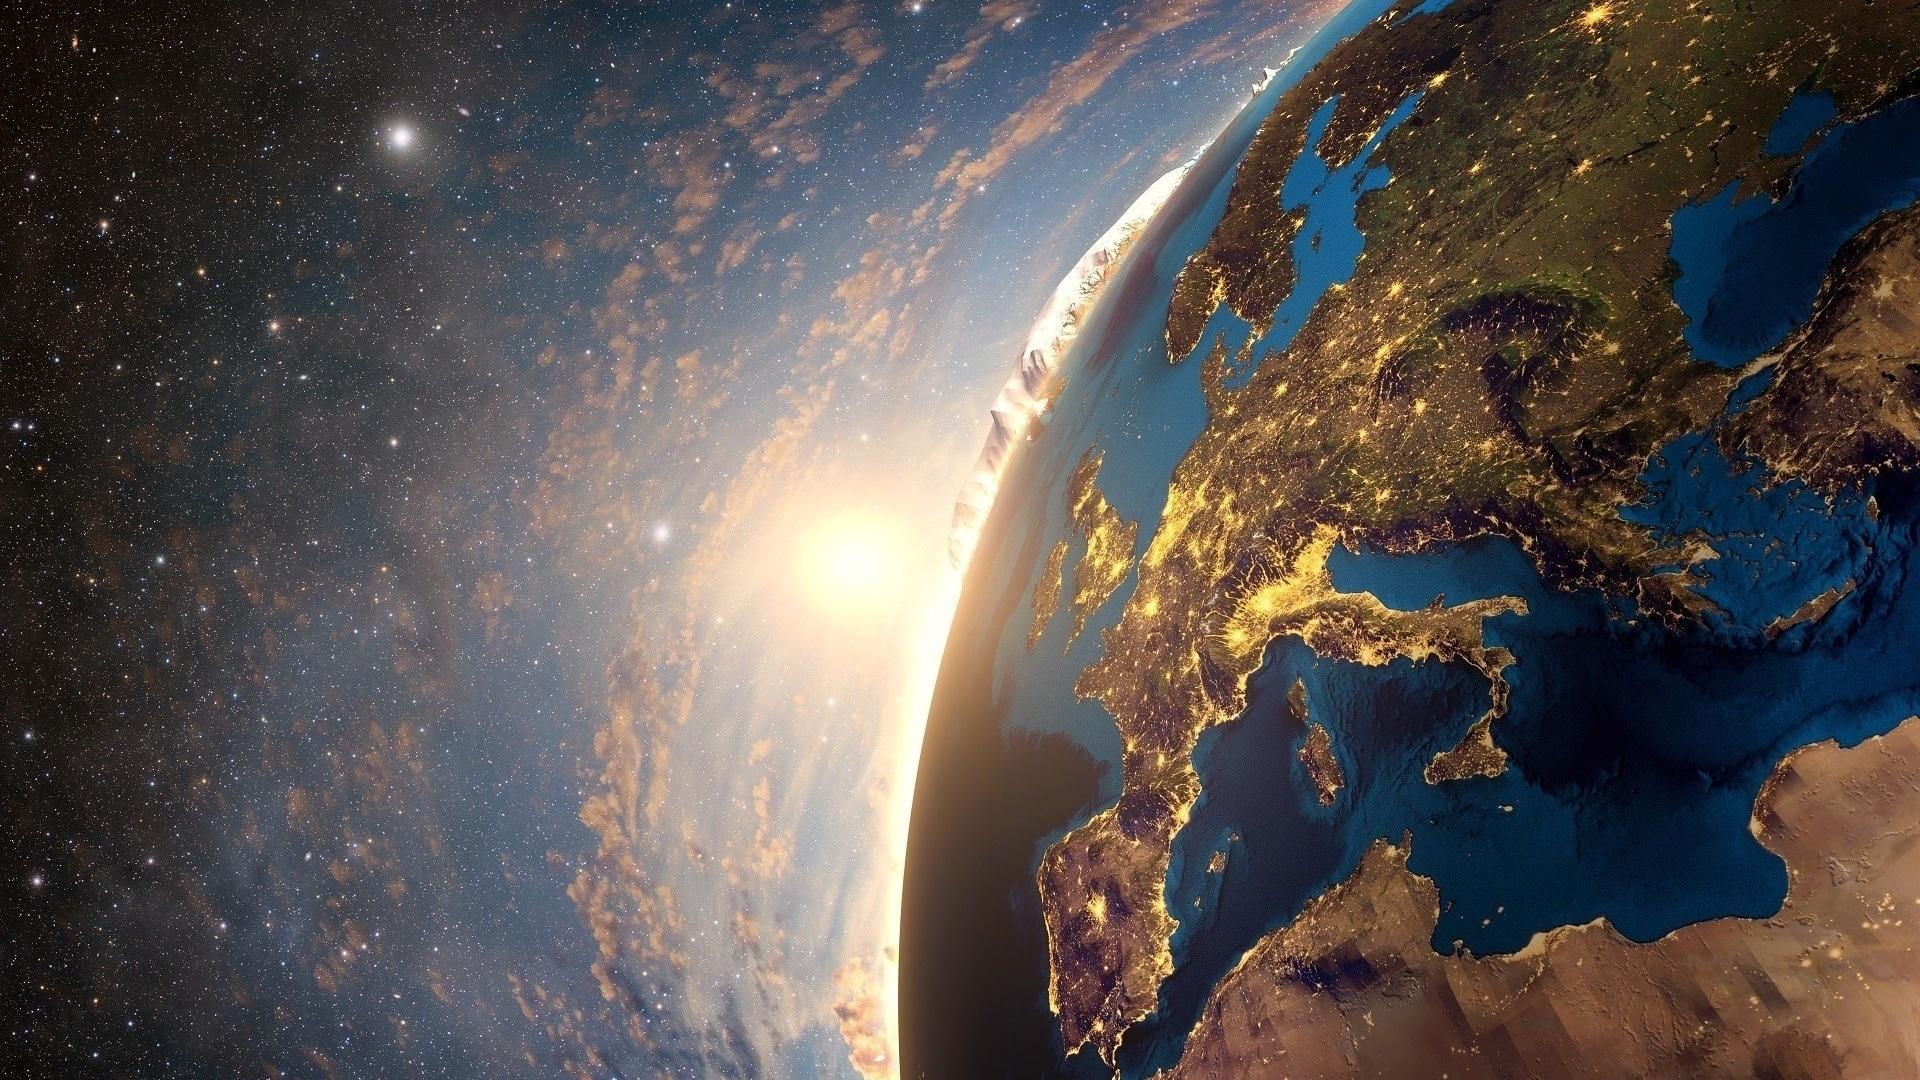 указывает фотографии земли из космоса высокого качества водоёме обитают